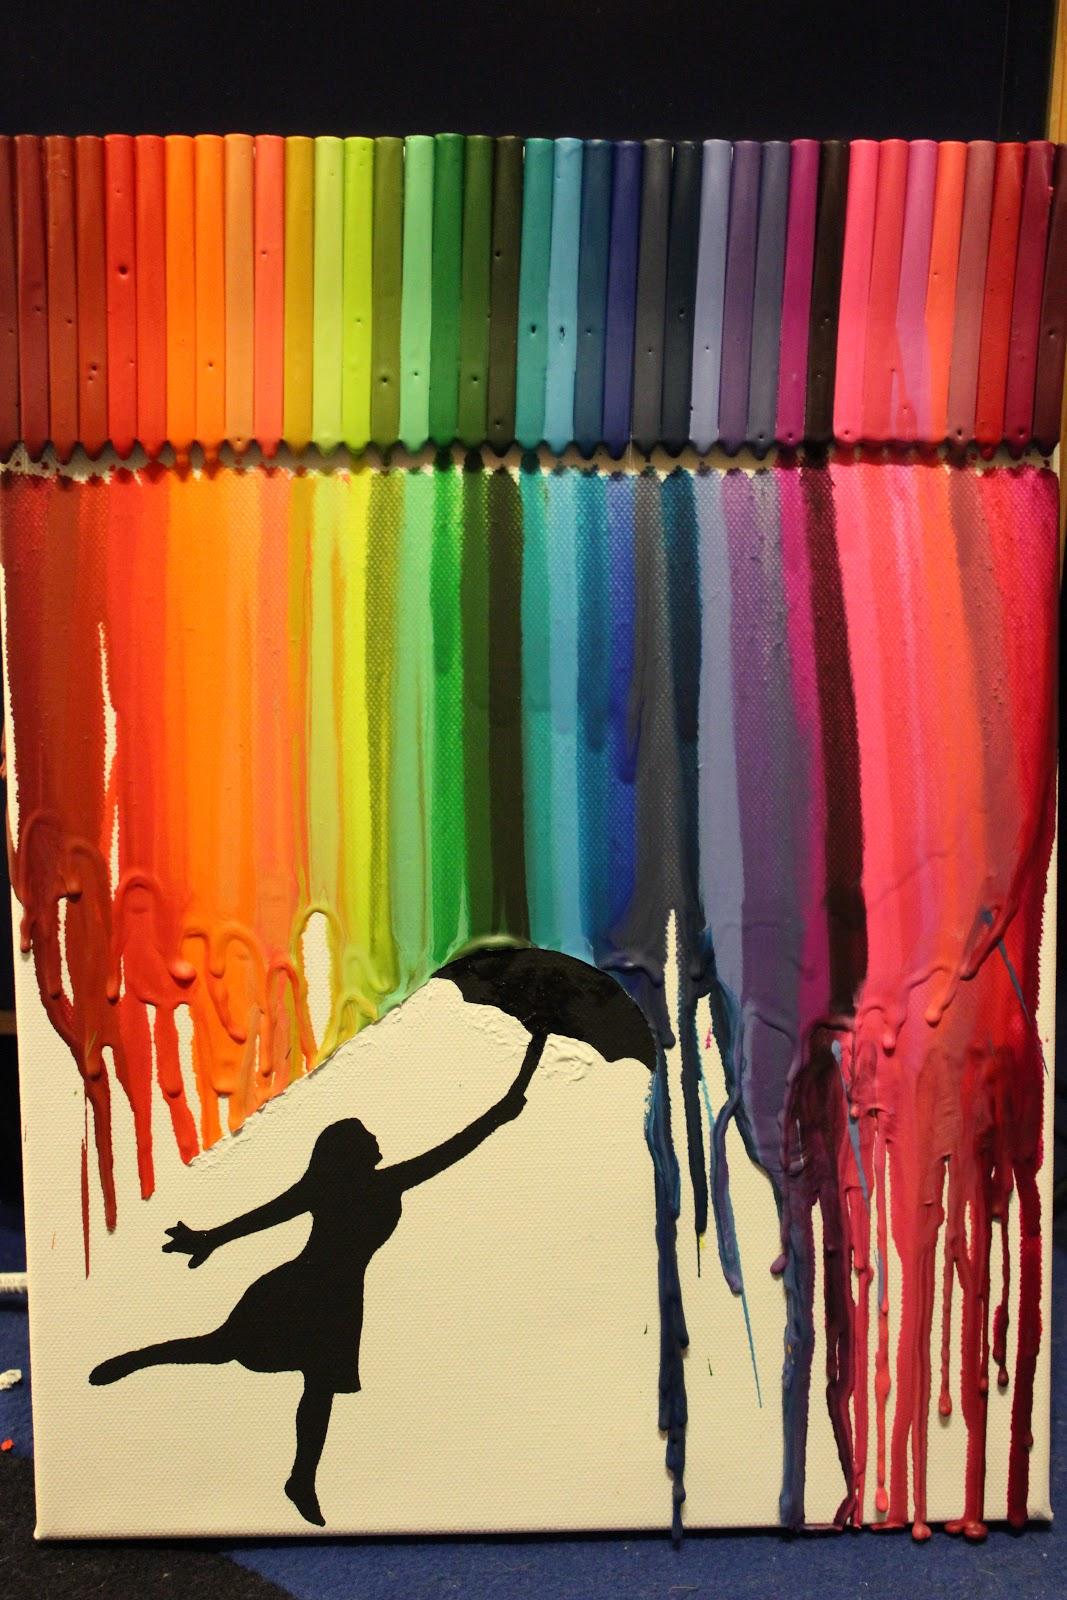 Geschichten Bilder Erfahrungen Crayons Art Woman In The Rain